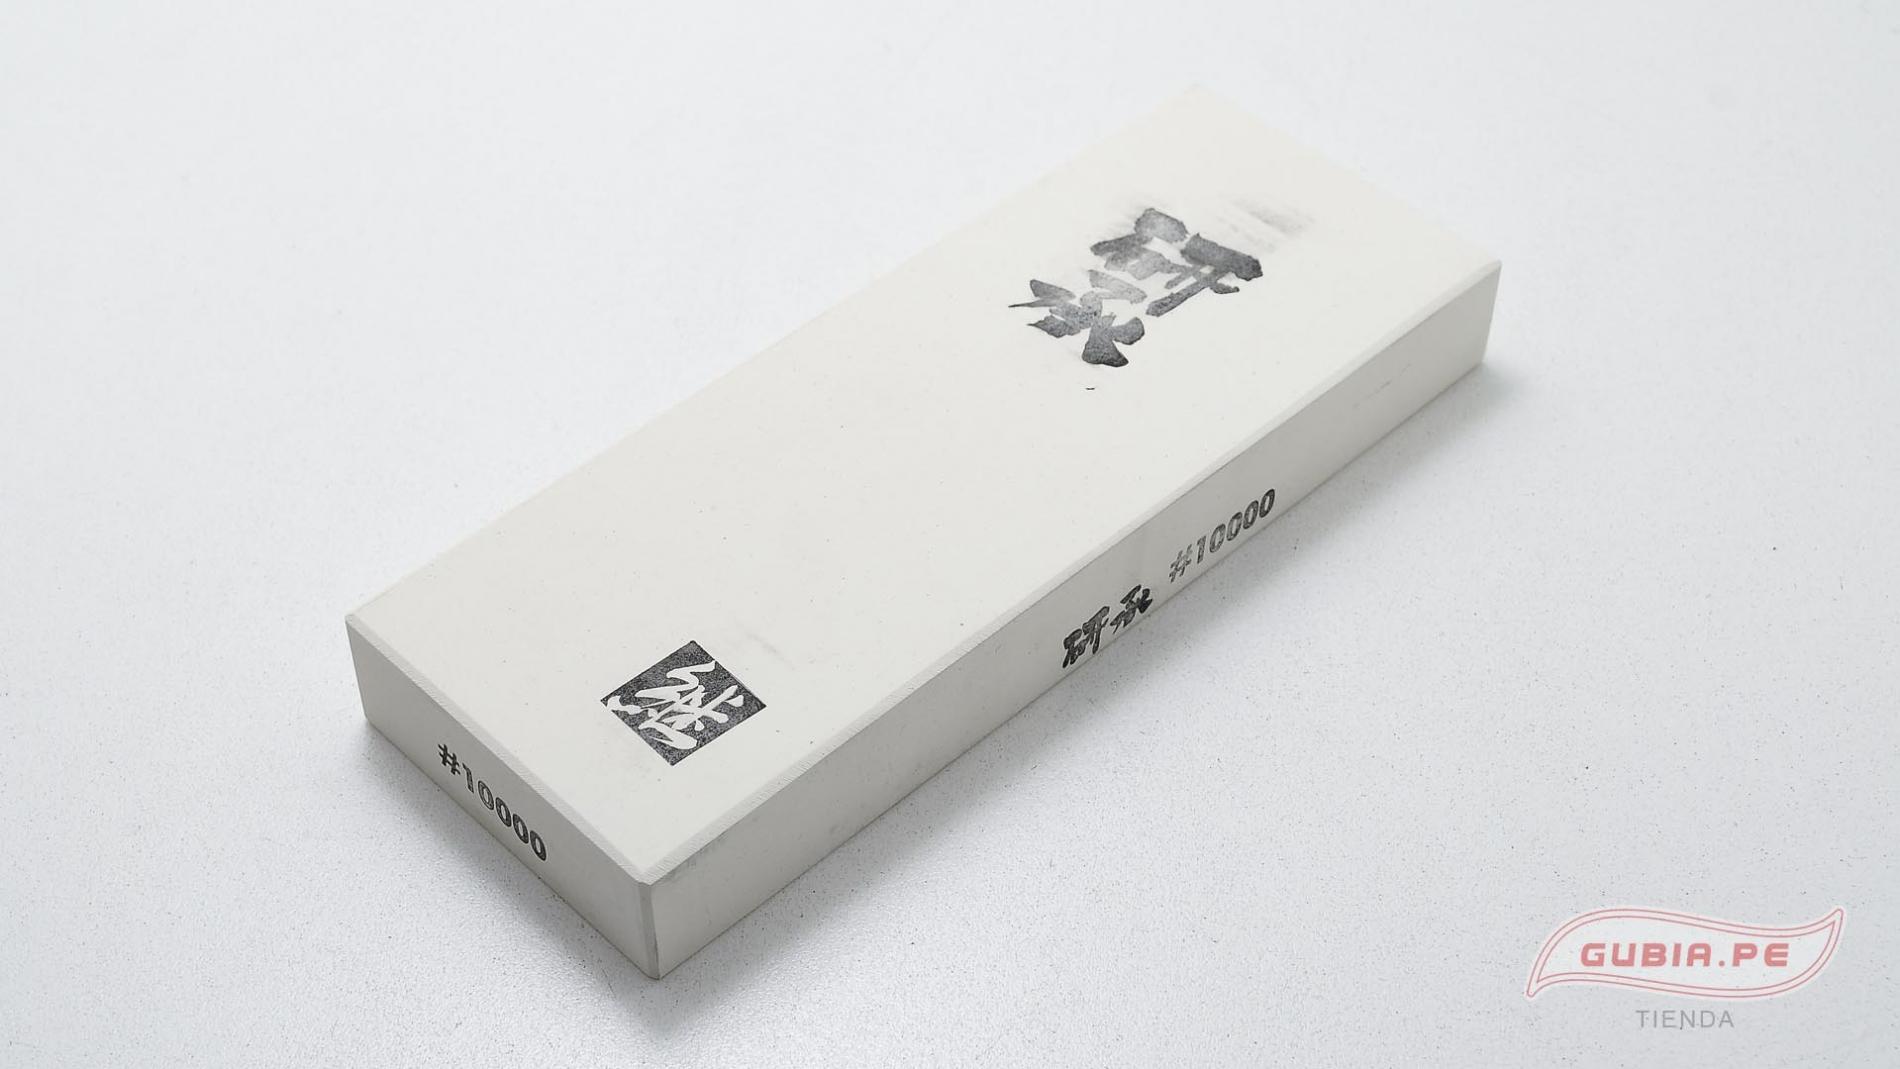 KSK10000-Piedra de asentar 10000 pulir filo de cuchillos Ken Syou Kei-max-2.